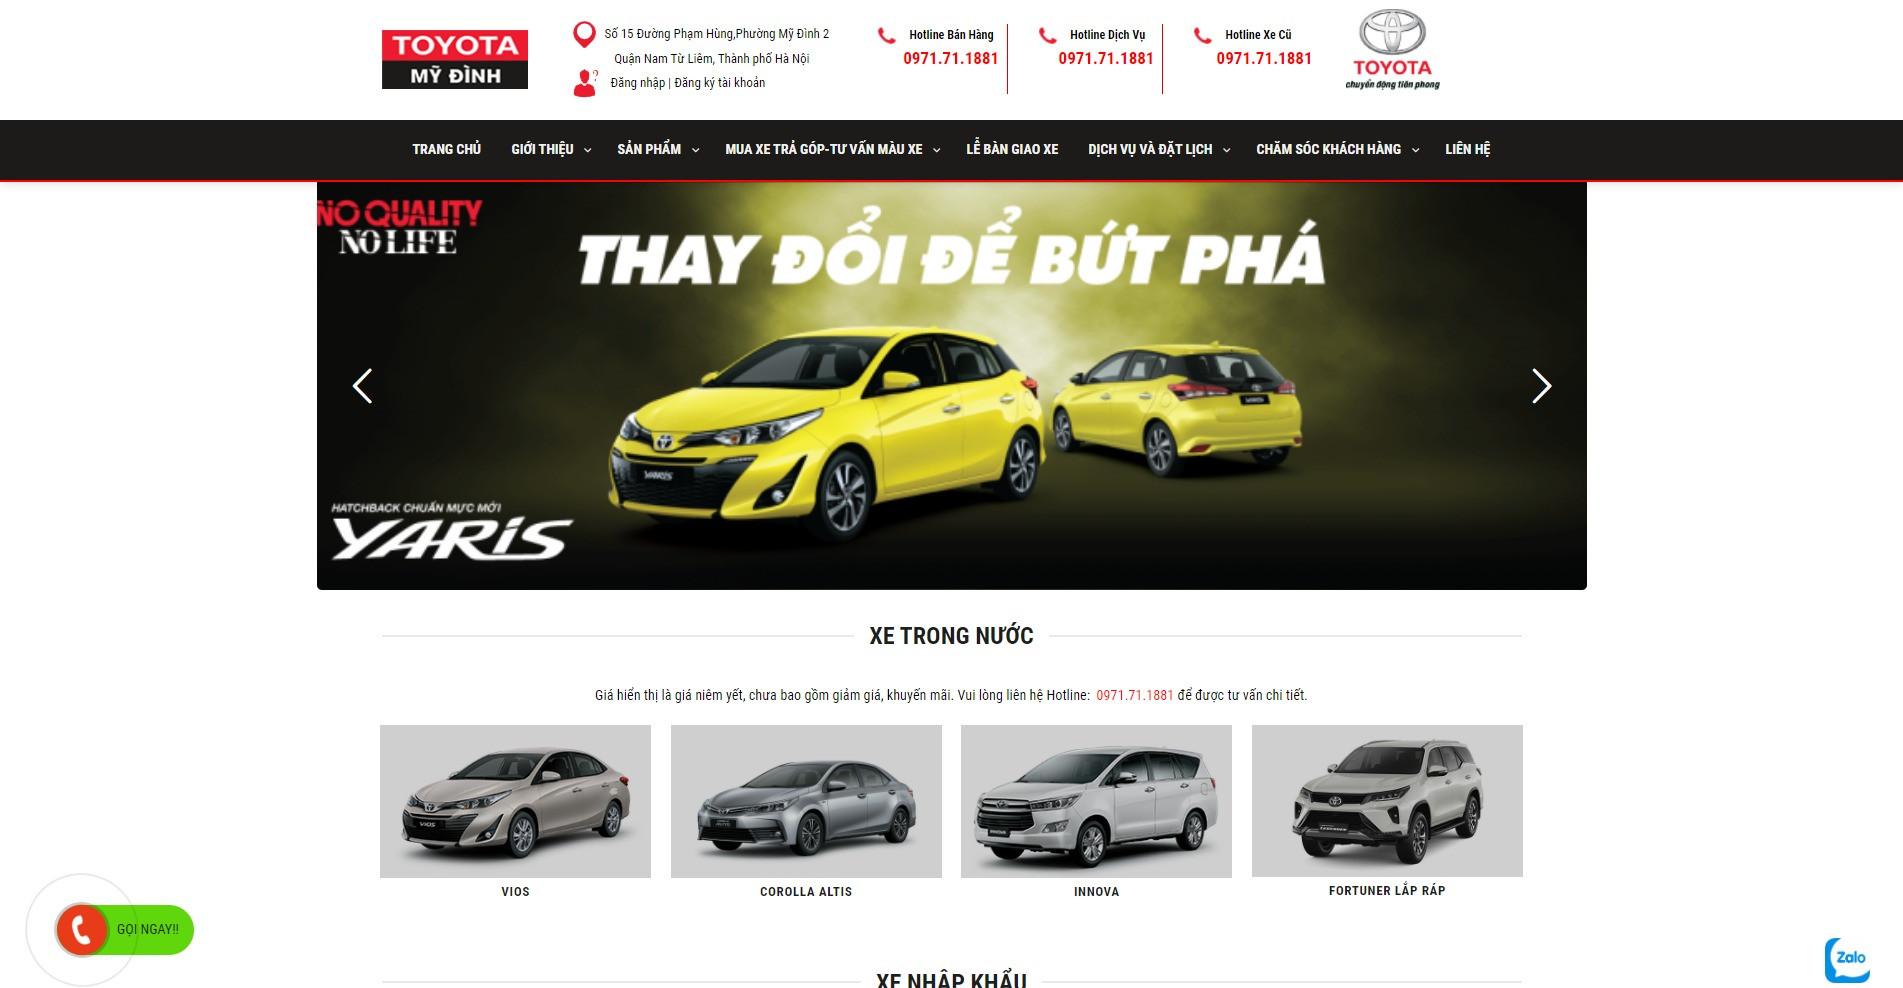 Website ô tô Toyota Mỹ Đình được Weboto thiết kế cực chất lượng